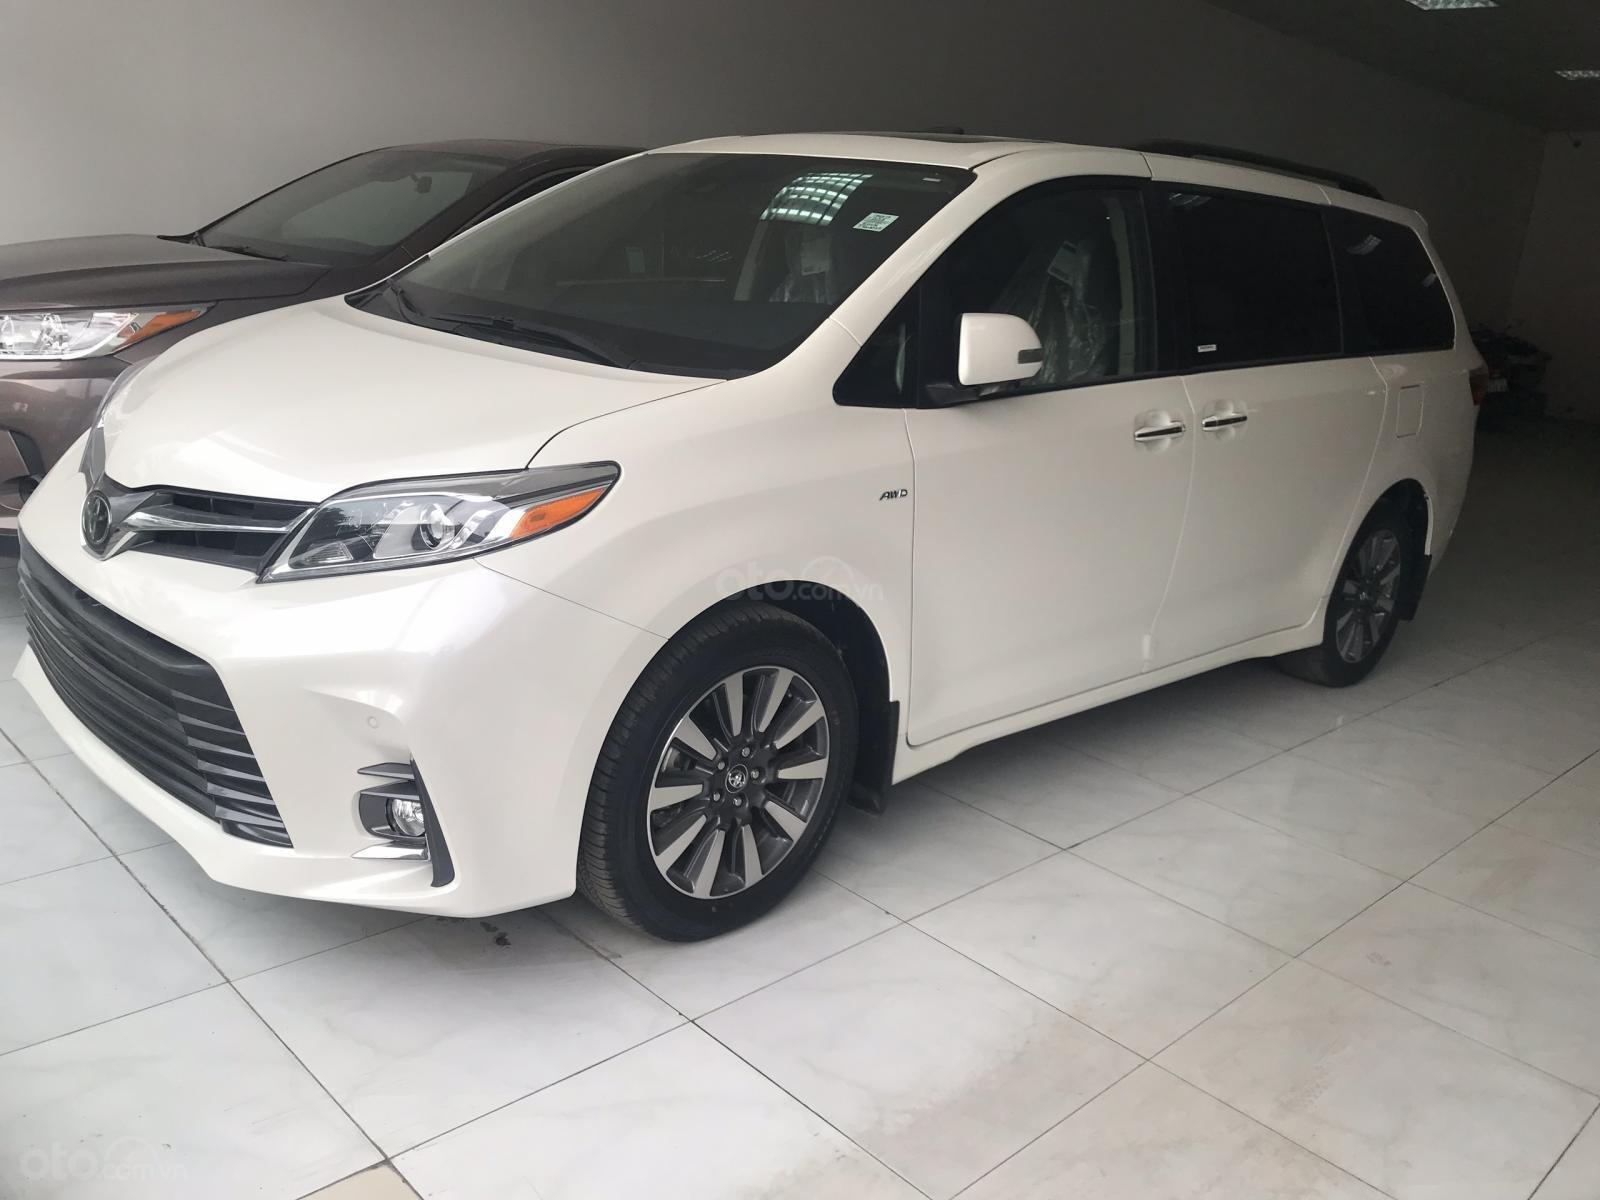 Bán Toyota Sienna Limited sản xuất 2019, mới 100%, đủ màu giao ngay, giá rẻ nhất (2)